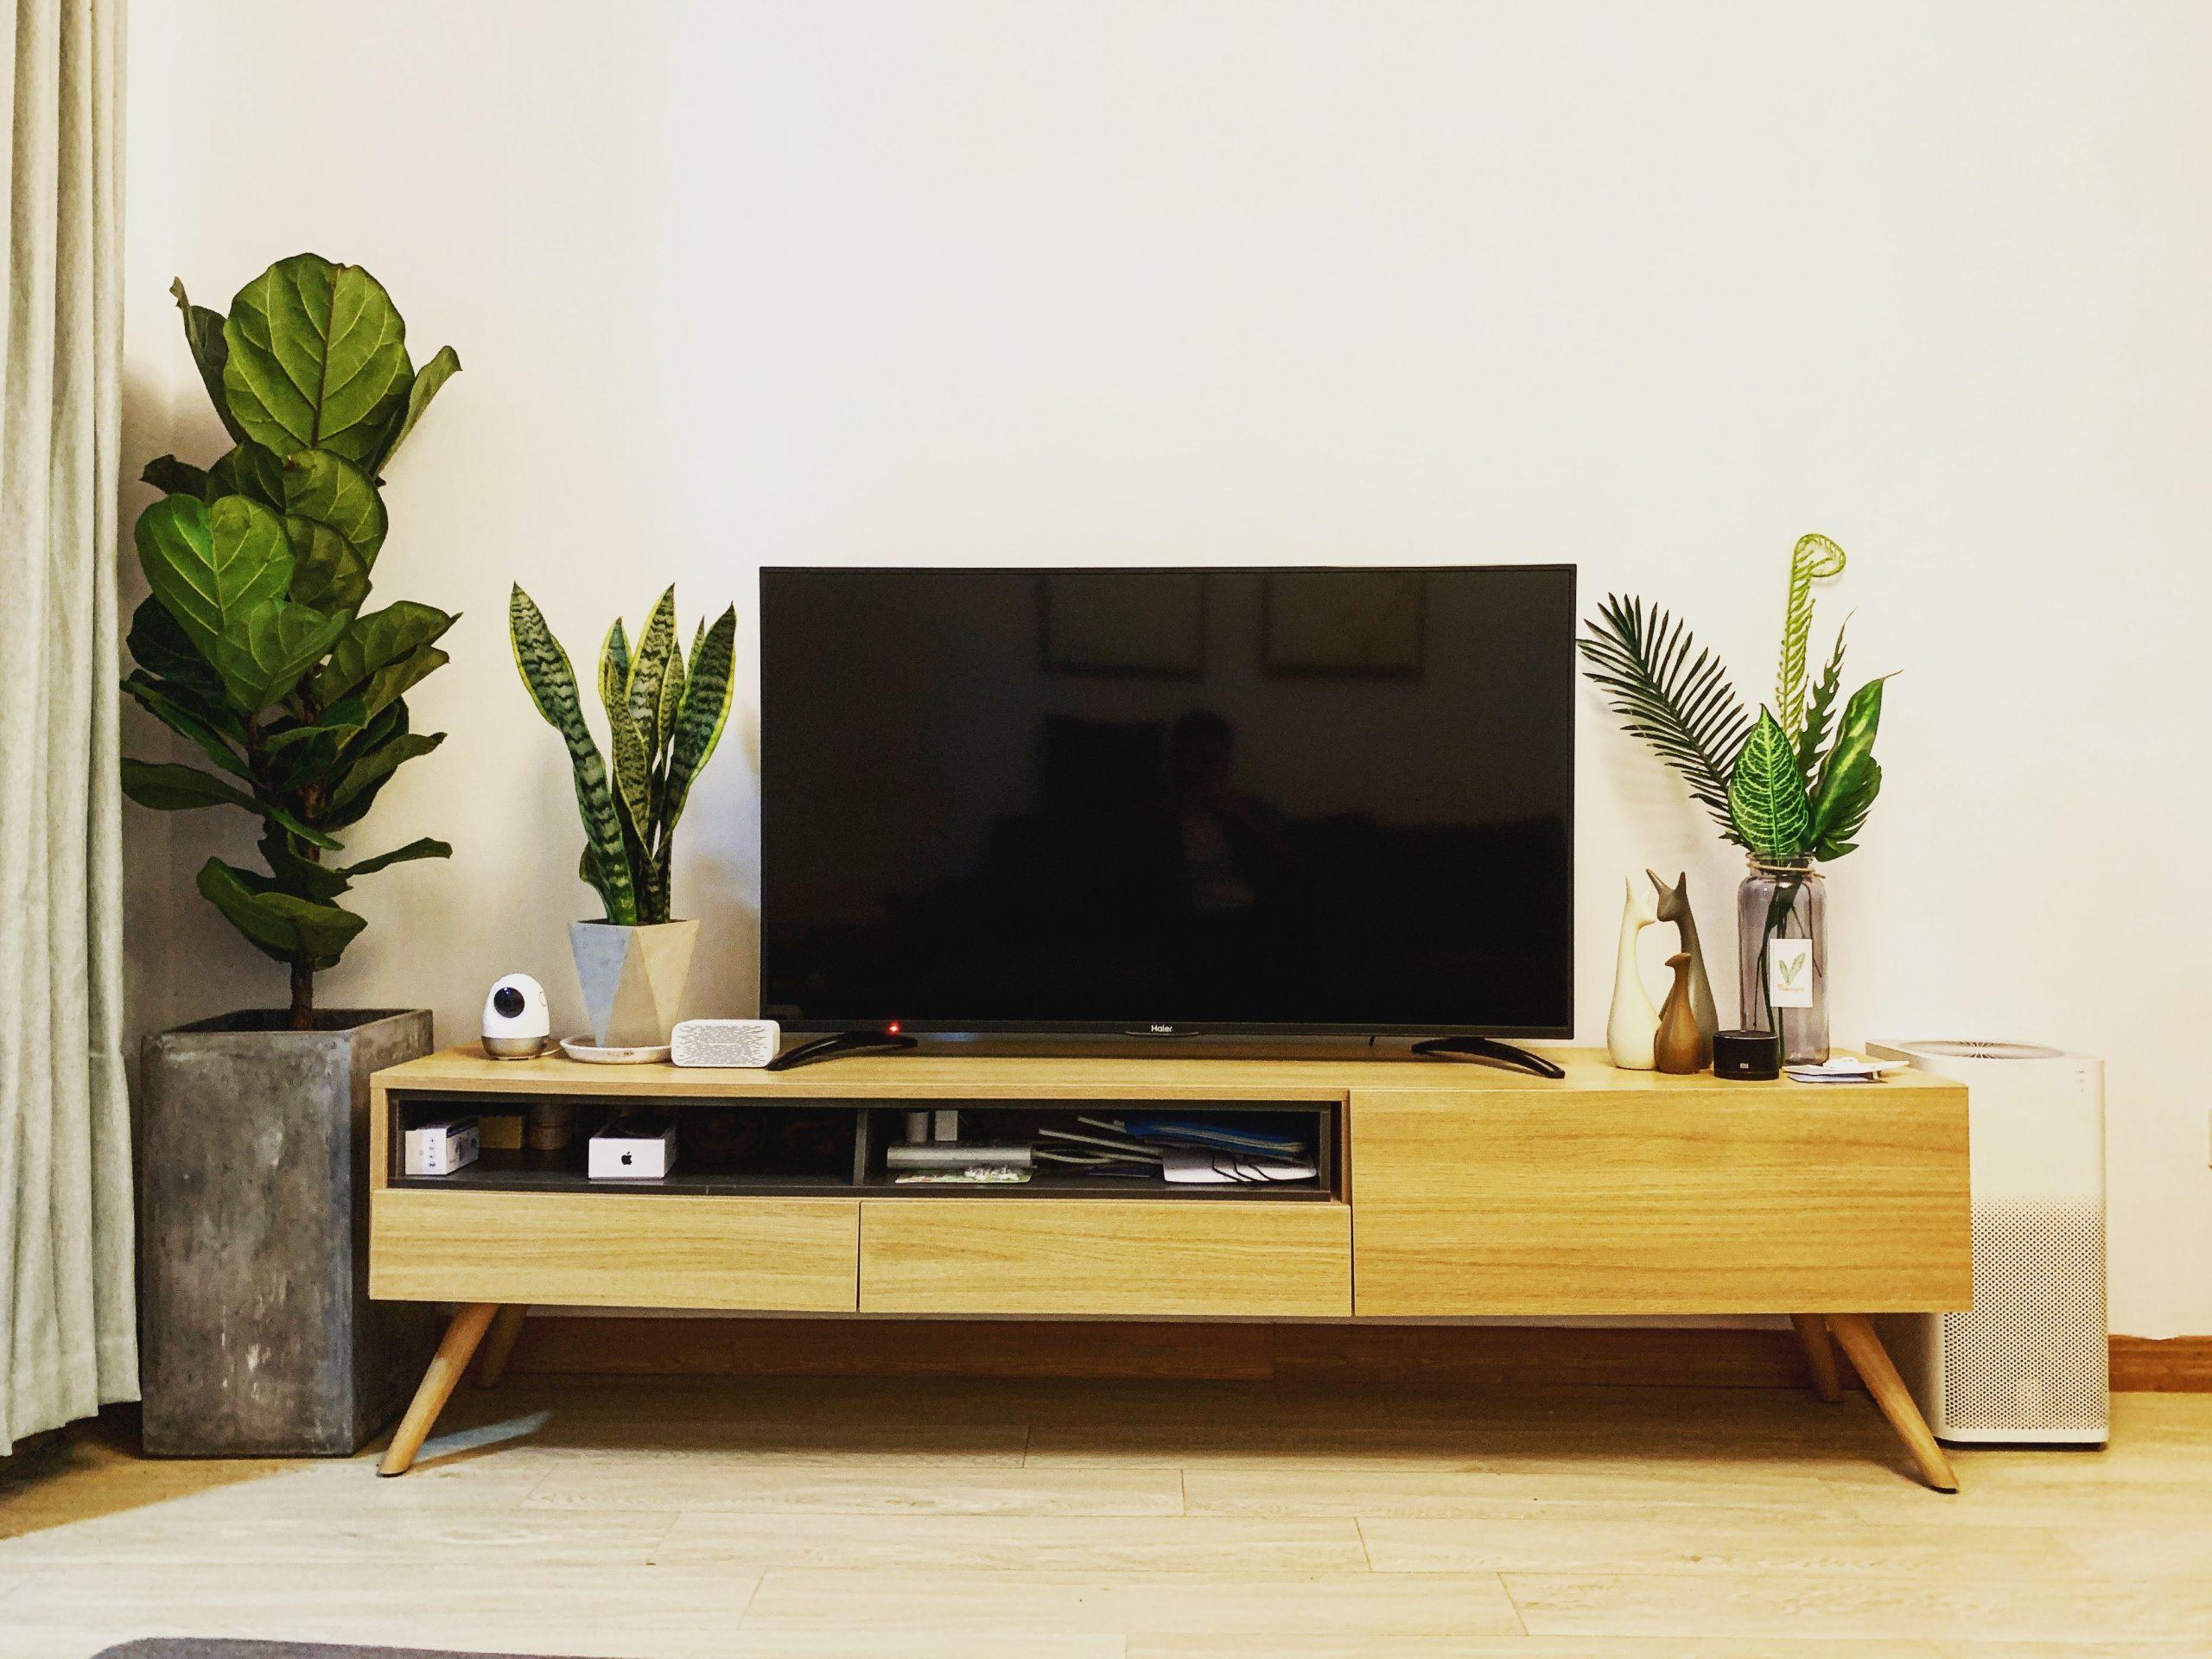 wang john CZ6PG4ozU9c unsplash scaled - Hvad er de største fordele ved et Tv-bord?